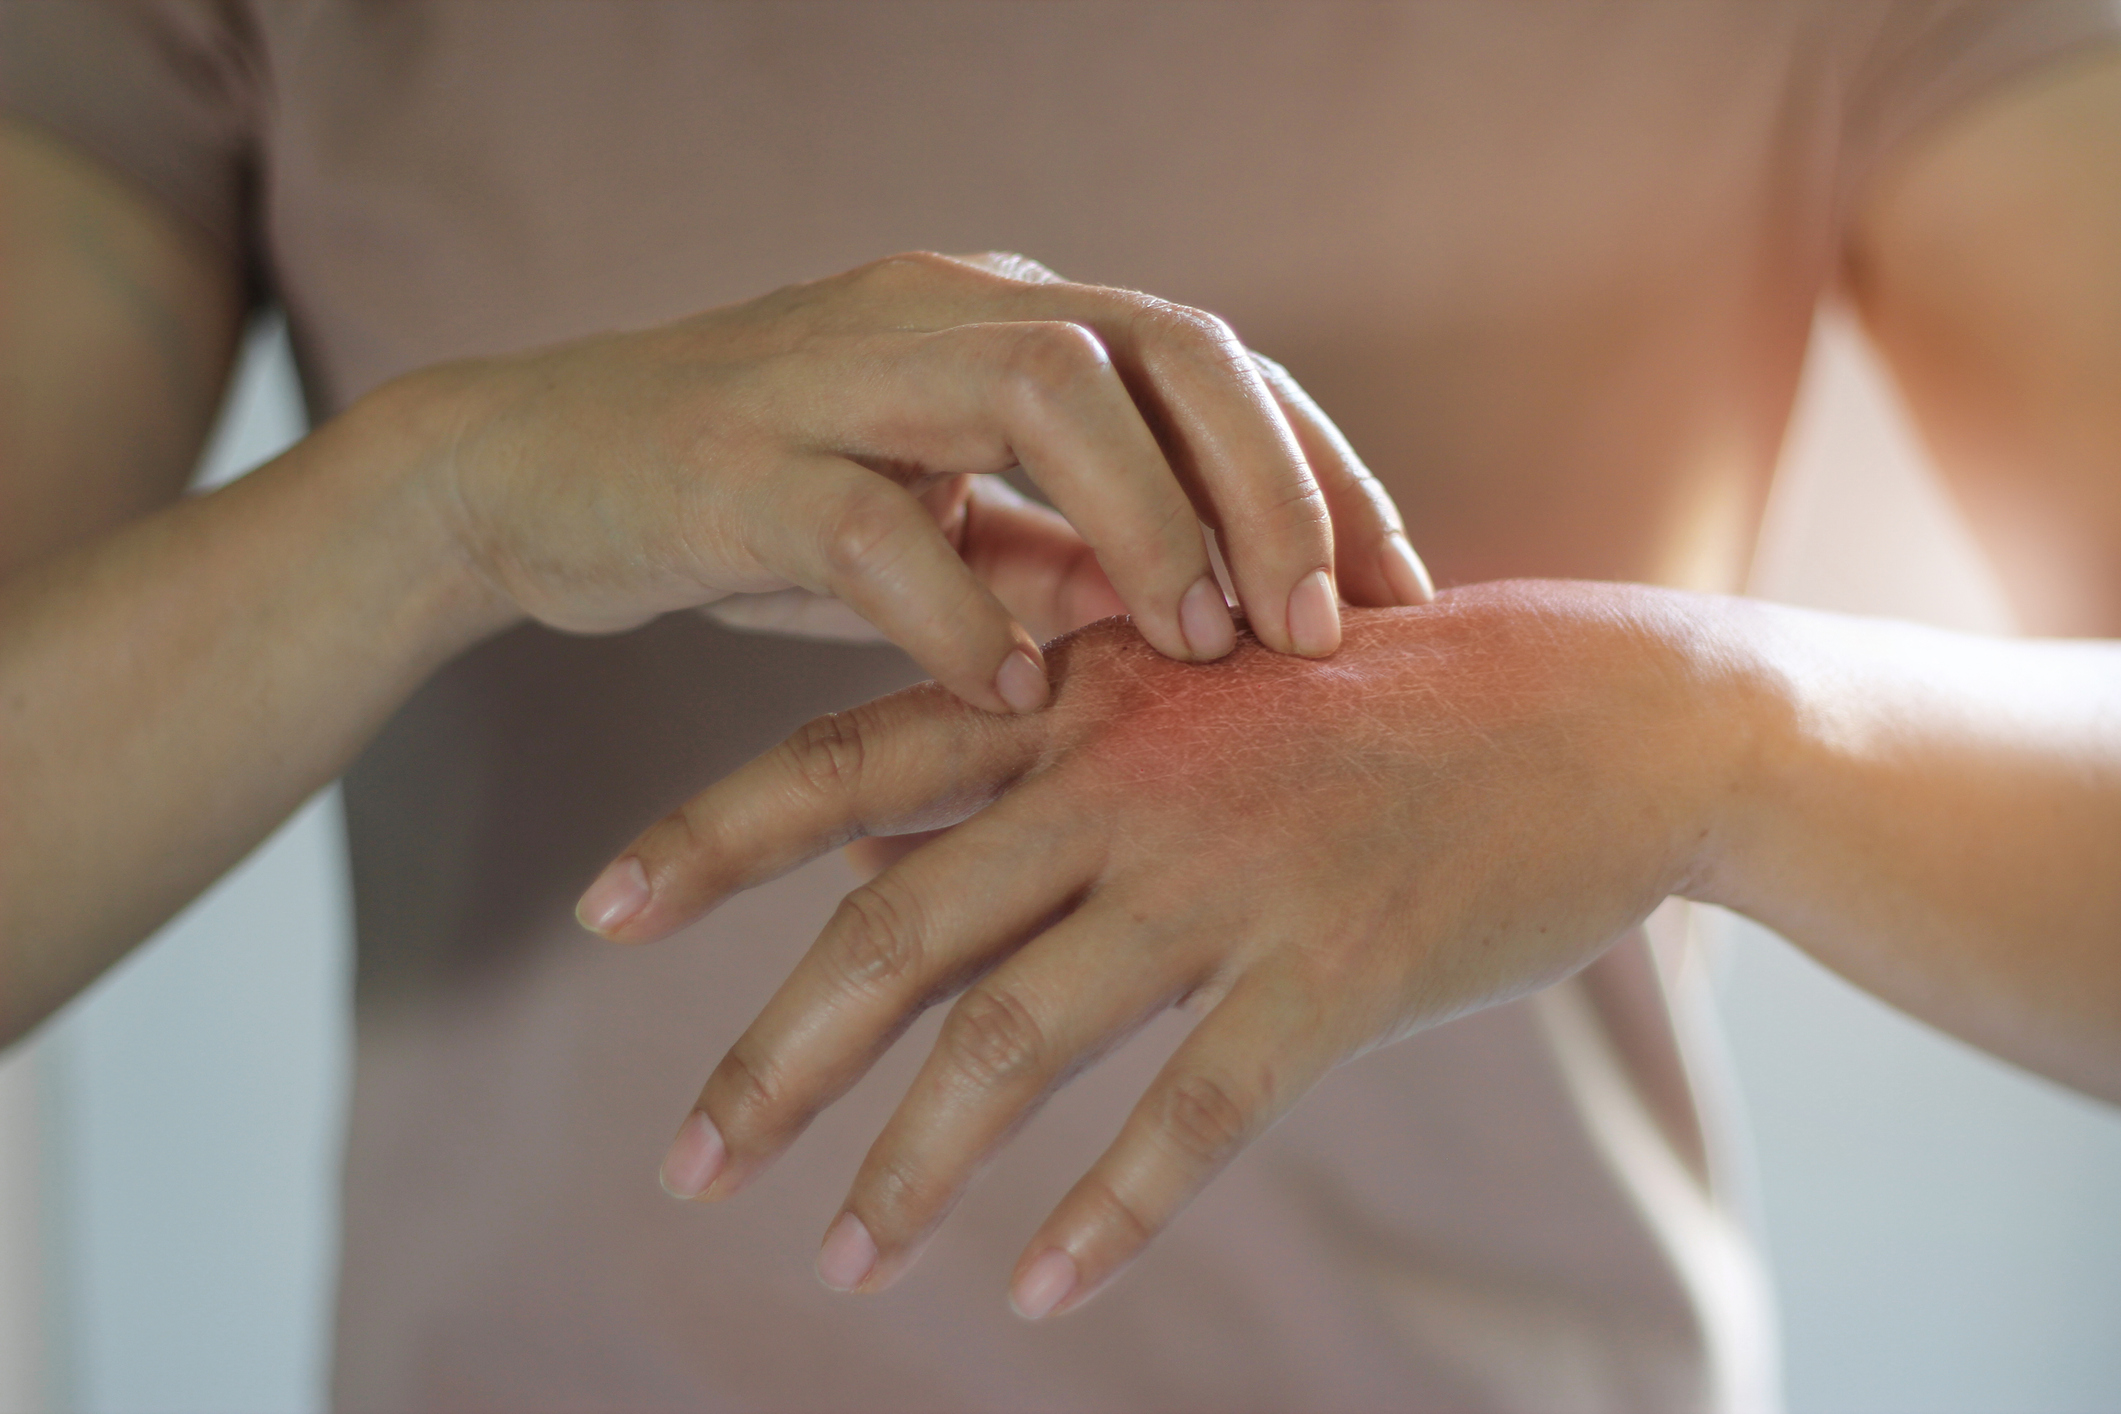 pikkelysömör hidrogén kezelése kiütések az arcon piros foltok formájában fotó